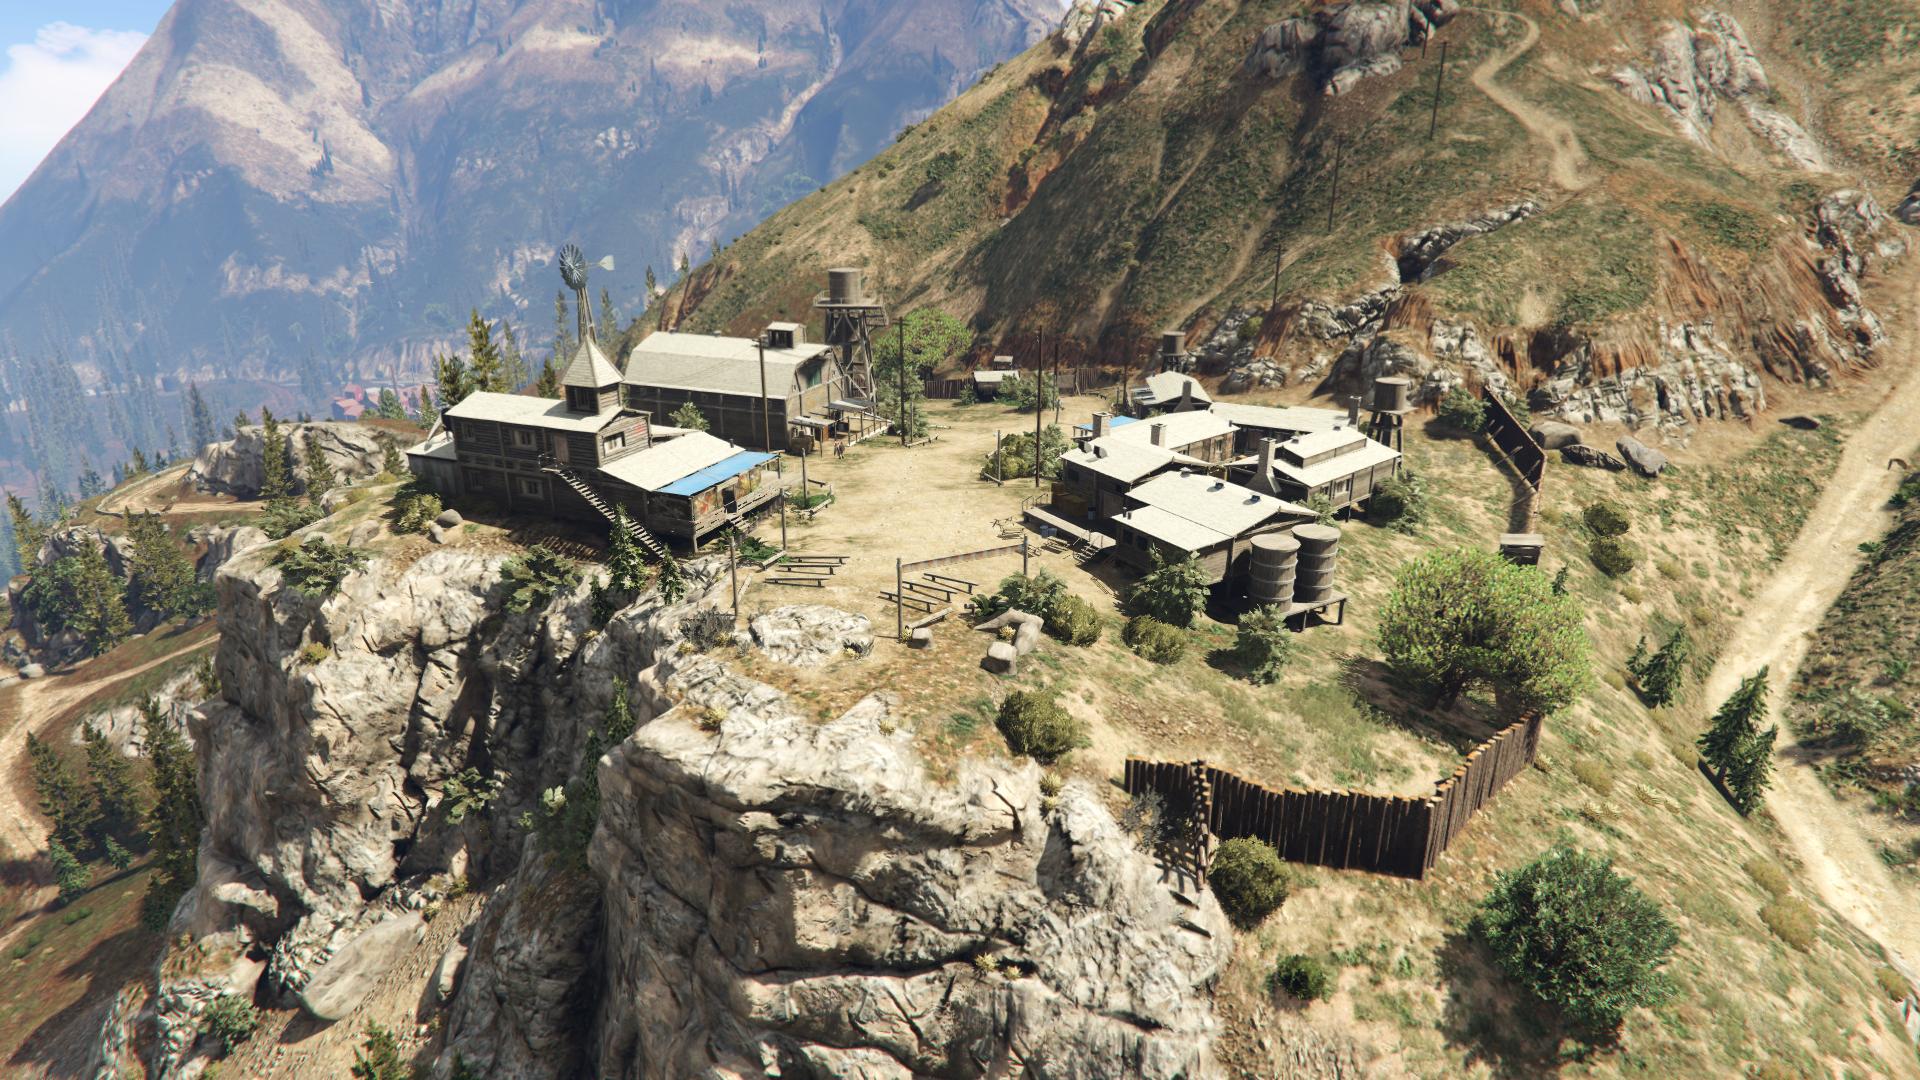 Altruist Camp